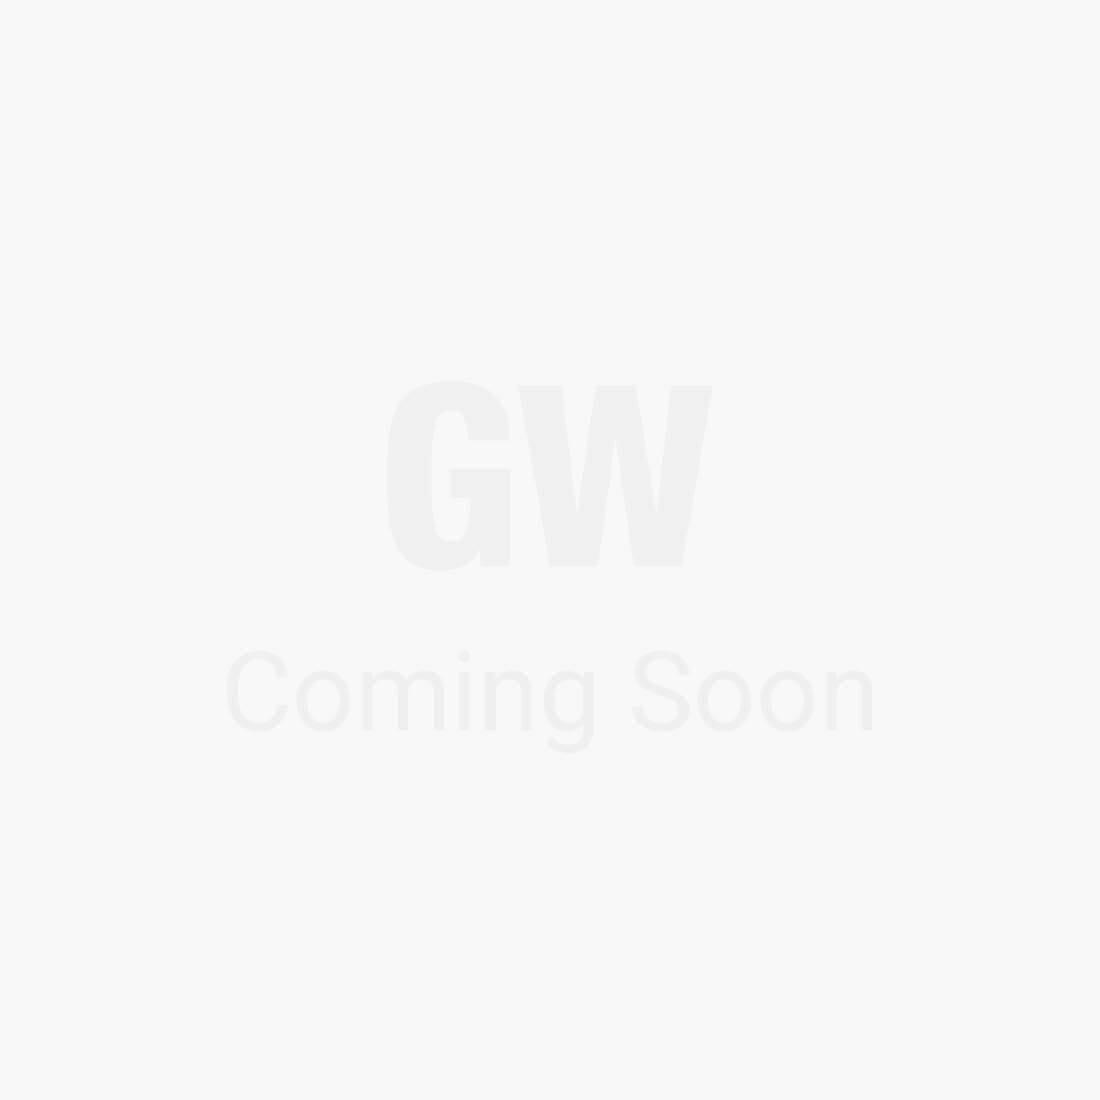 Sofa Slipcovers Brisbane: Vittoria Slip Cover 3 Seater Sofa